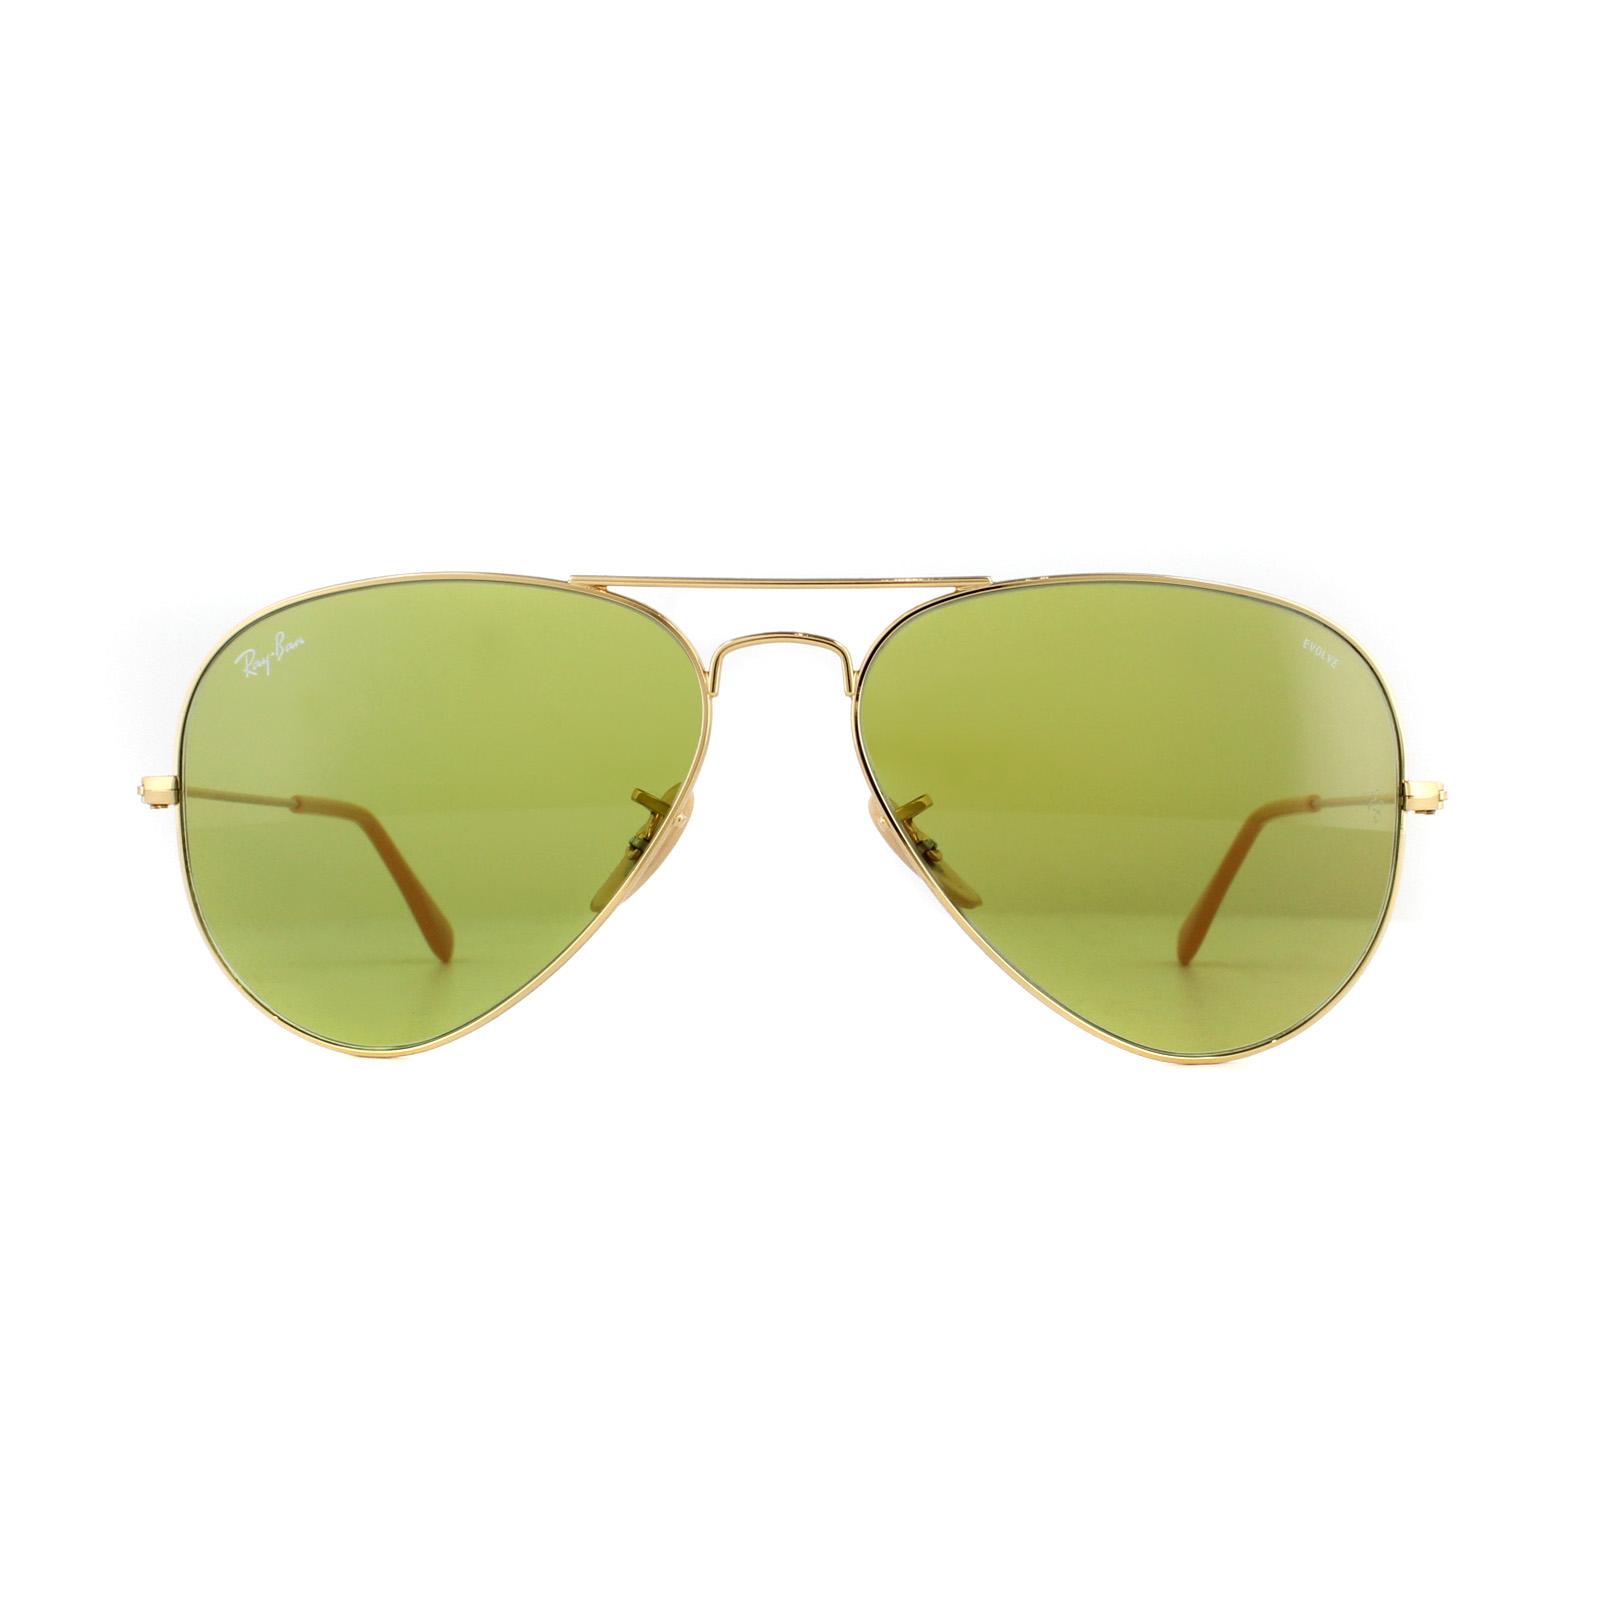 8e9902693 CENTINELA Gafas de sol de Ray-Ban aviador 3025 90644 oro verde Photocromic